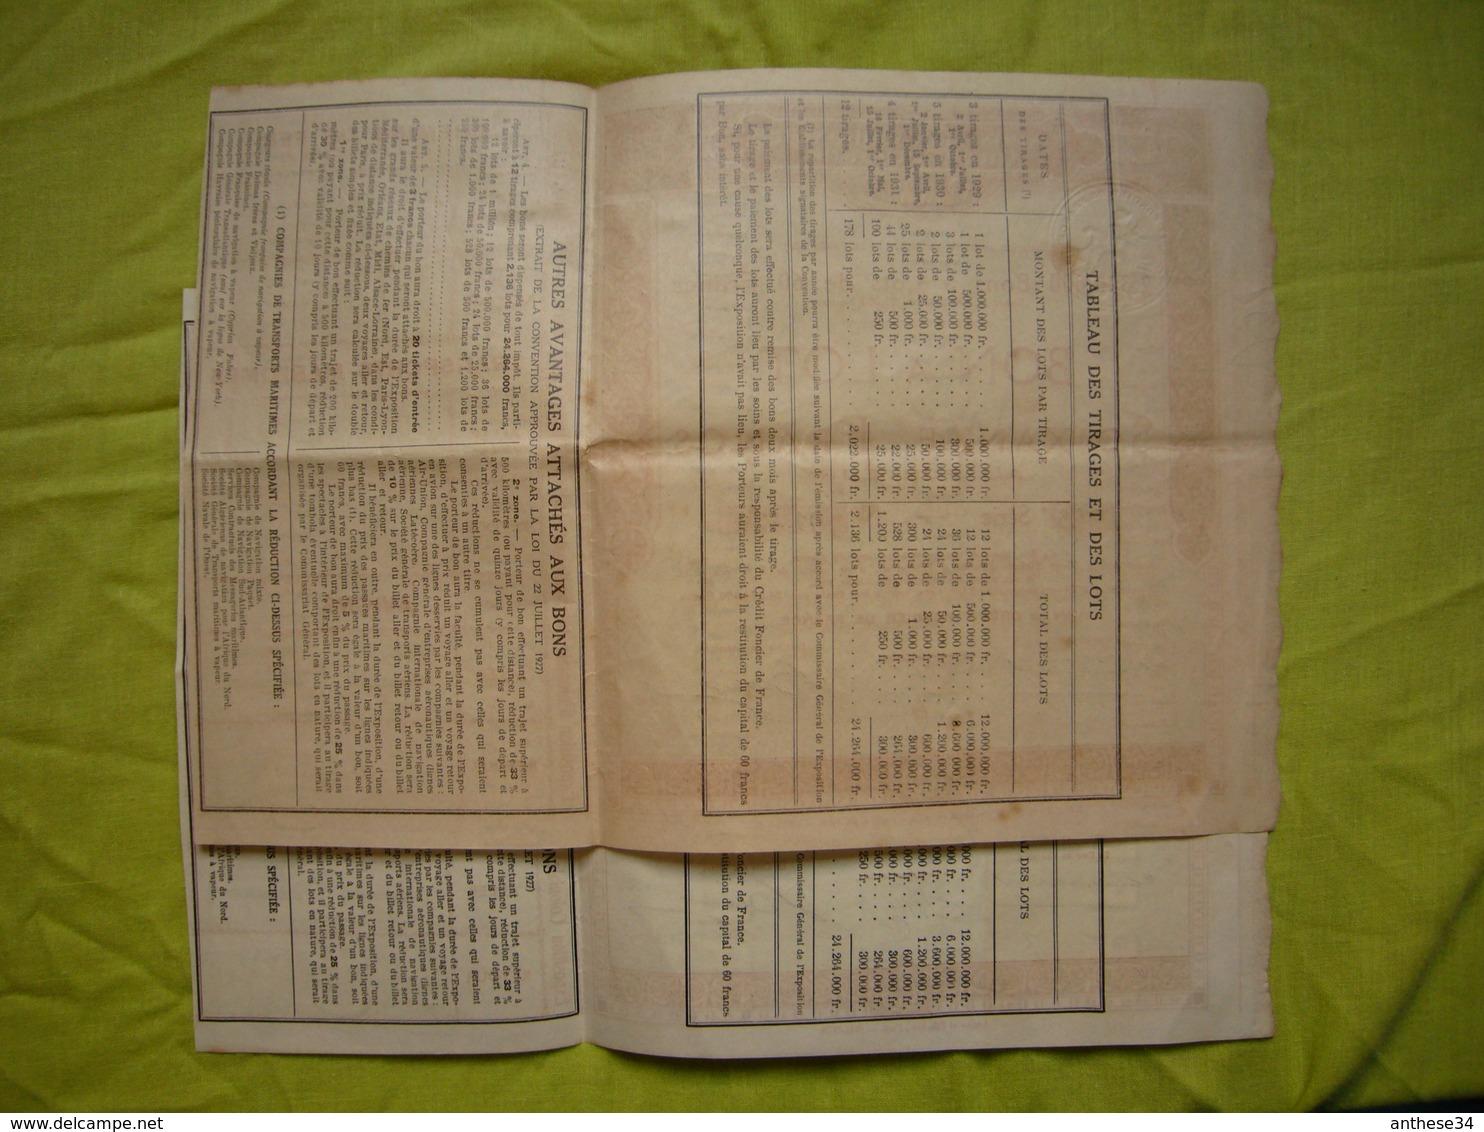 2 Bon à Lot Exposition Coloniale Internationale Paris 1931 60 Francs Au Porteur - Afrique